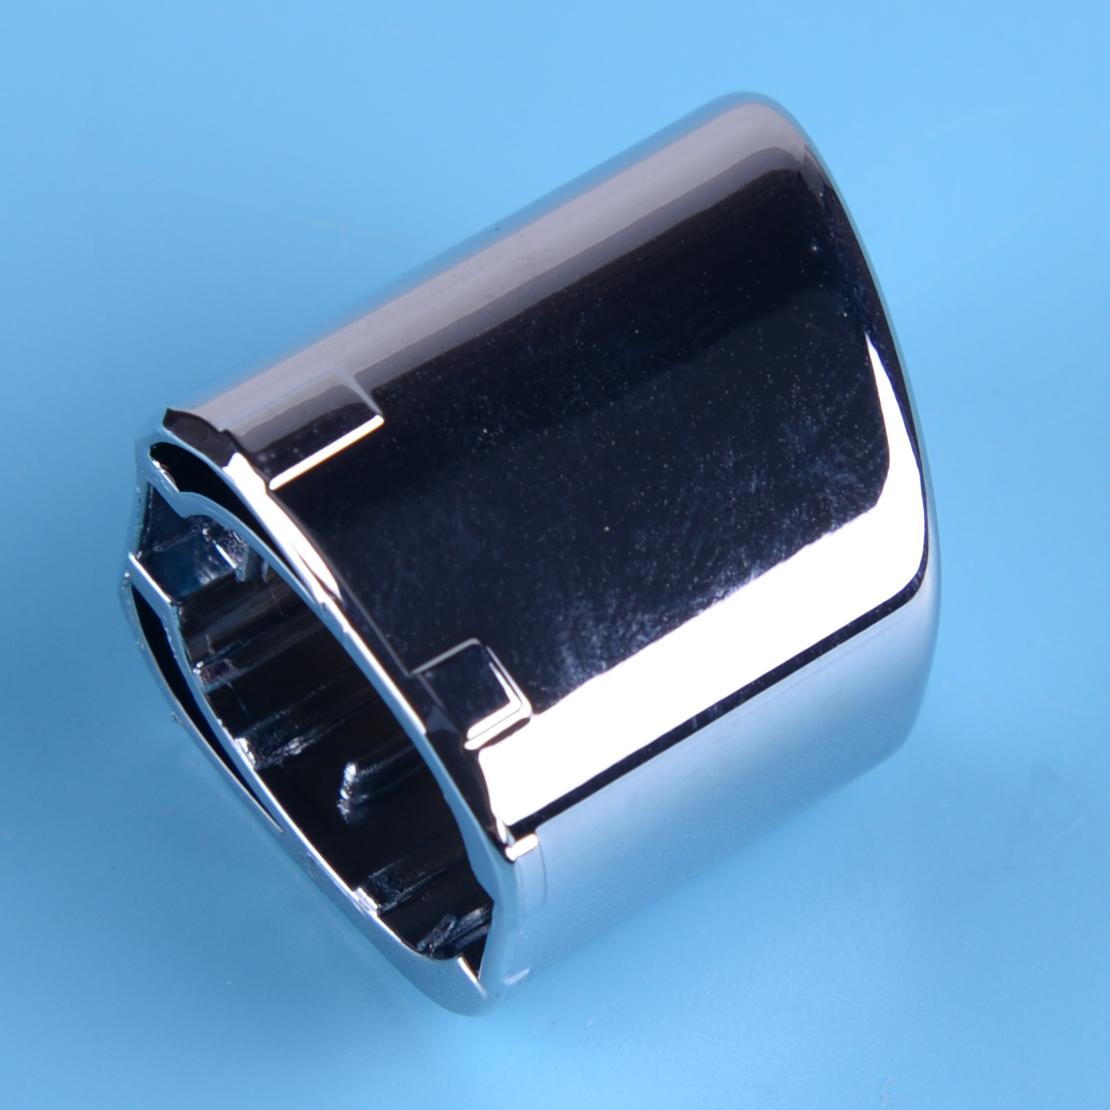 Enrilior Handbrake Lever Parking Button Cover,6RD711333A Car